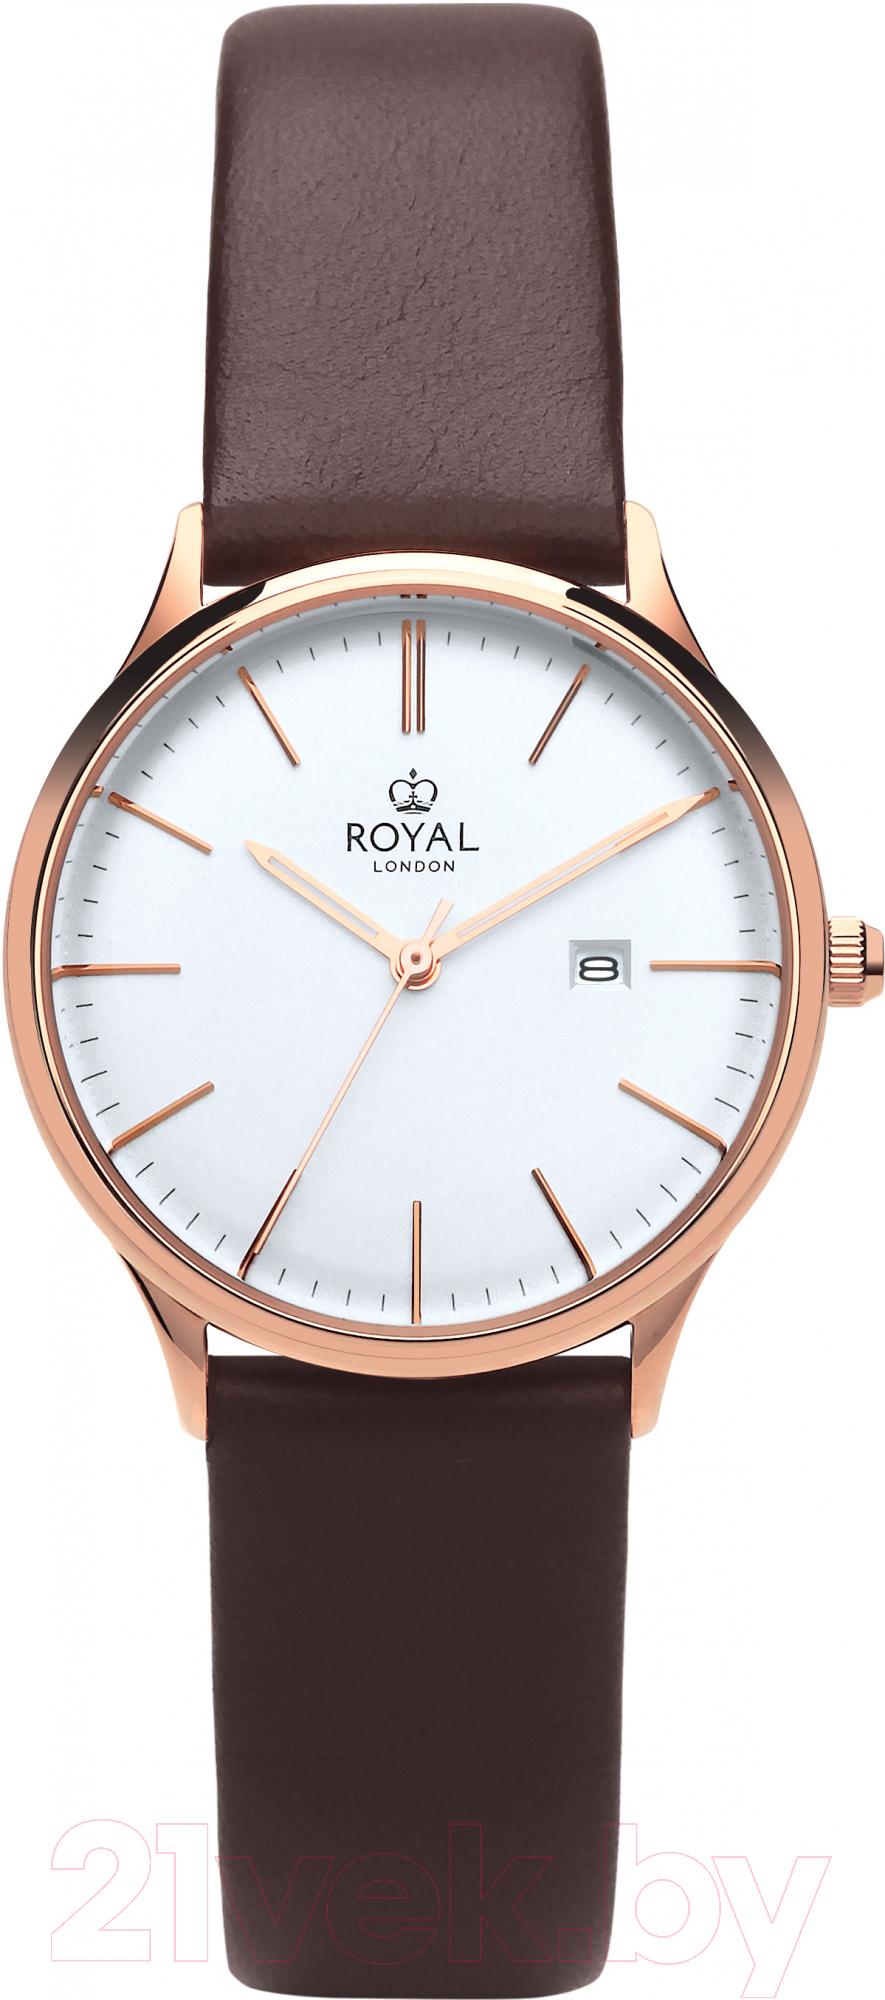 Купить Часы наручные женские Royal London, 21388-03, Великобритания